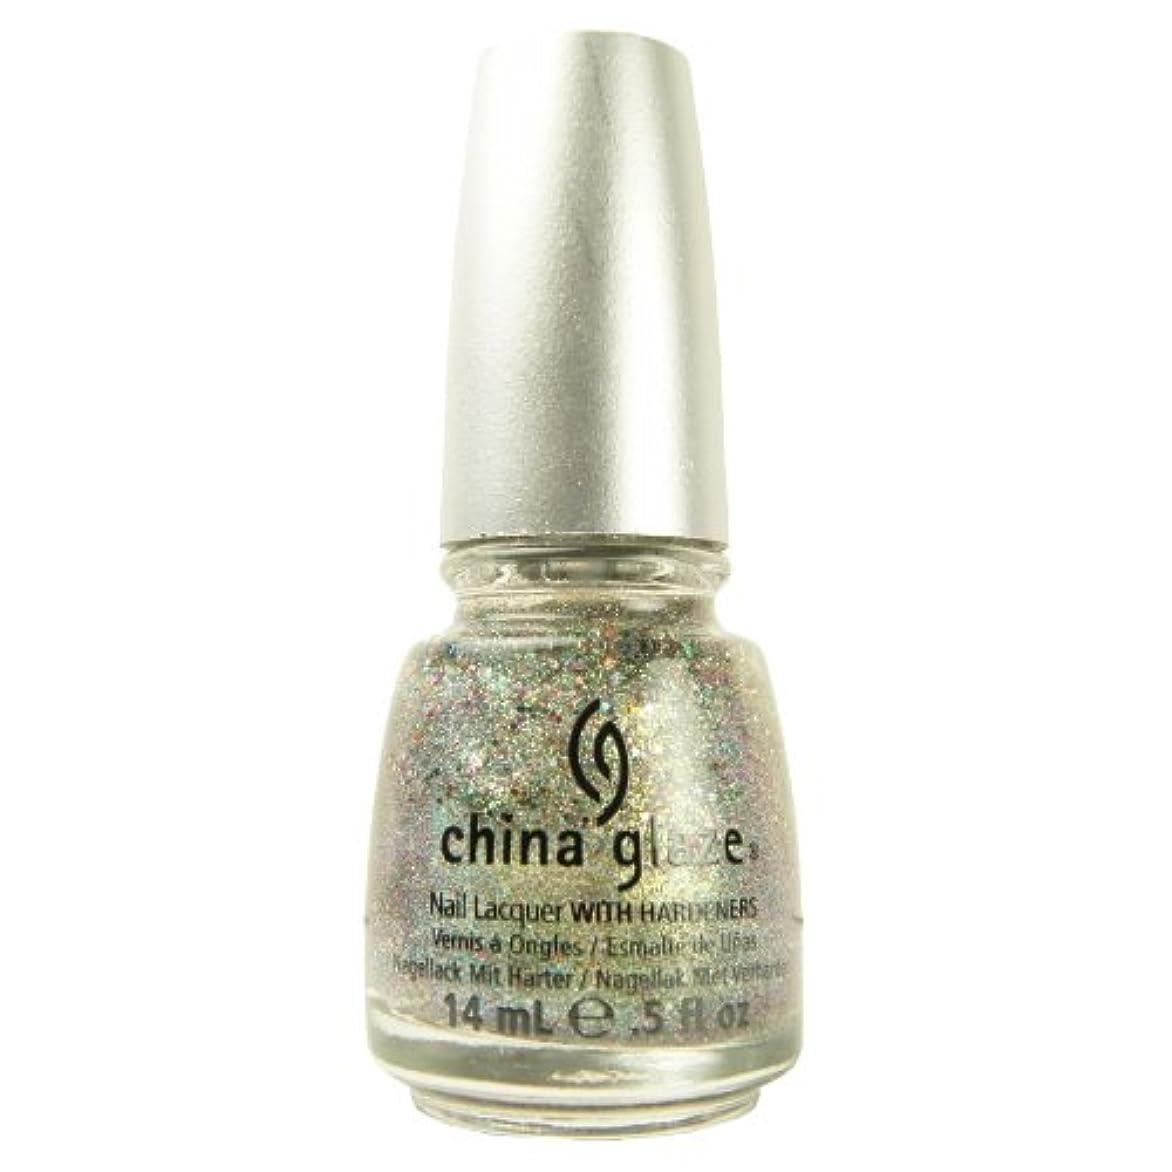 消える不健康思慮のない(6 Pack) CHINA GLAZE Glitter Nail Lacquer with Nail Hardner - Ray-Diant (DC) (並行輸入品)